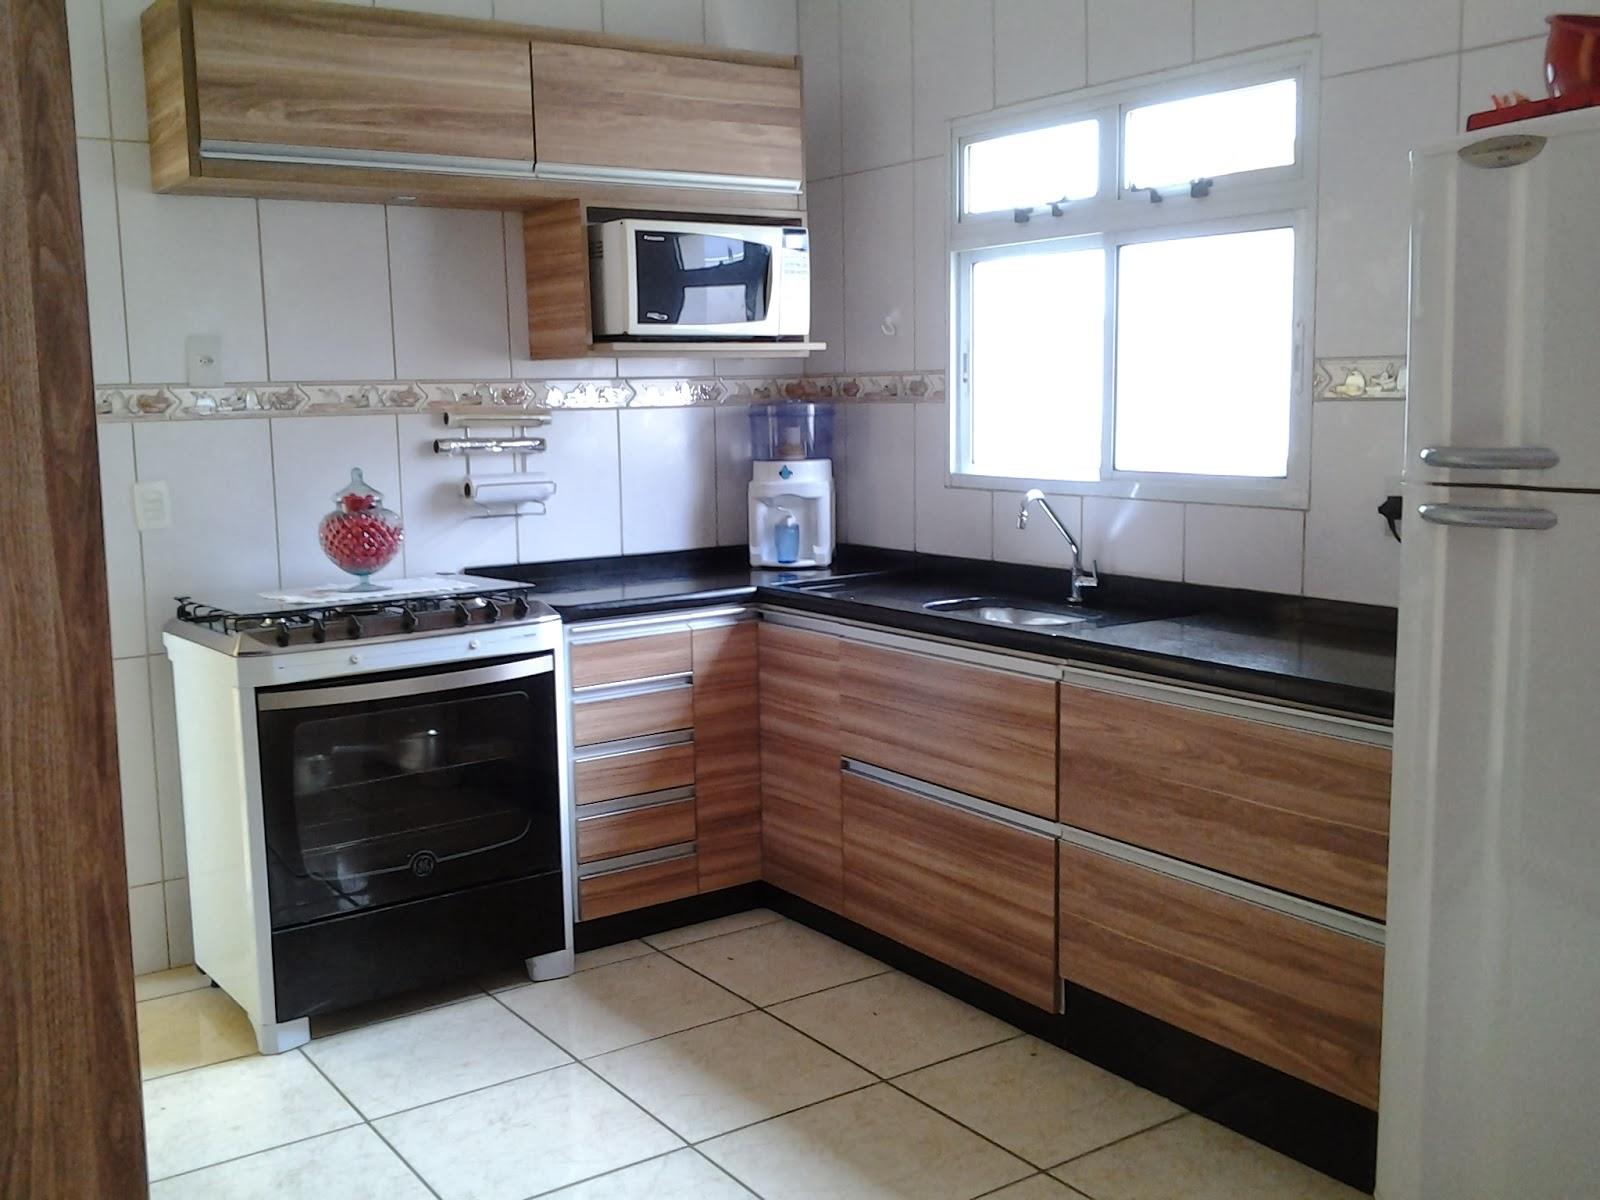 Na Medida Móveis: Novo projeto da cozinha com mudança do lay out  #644533 1600 1200